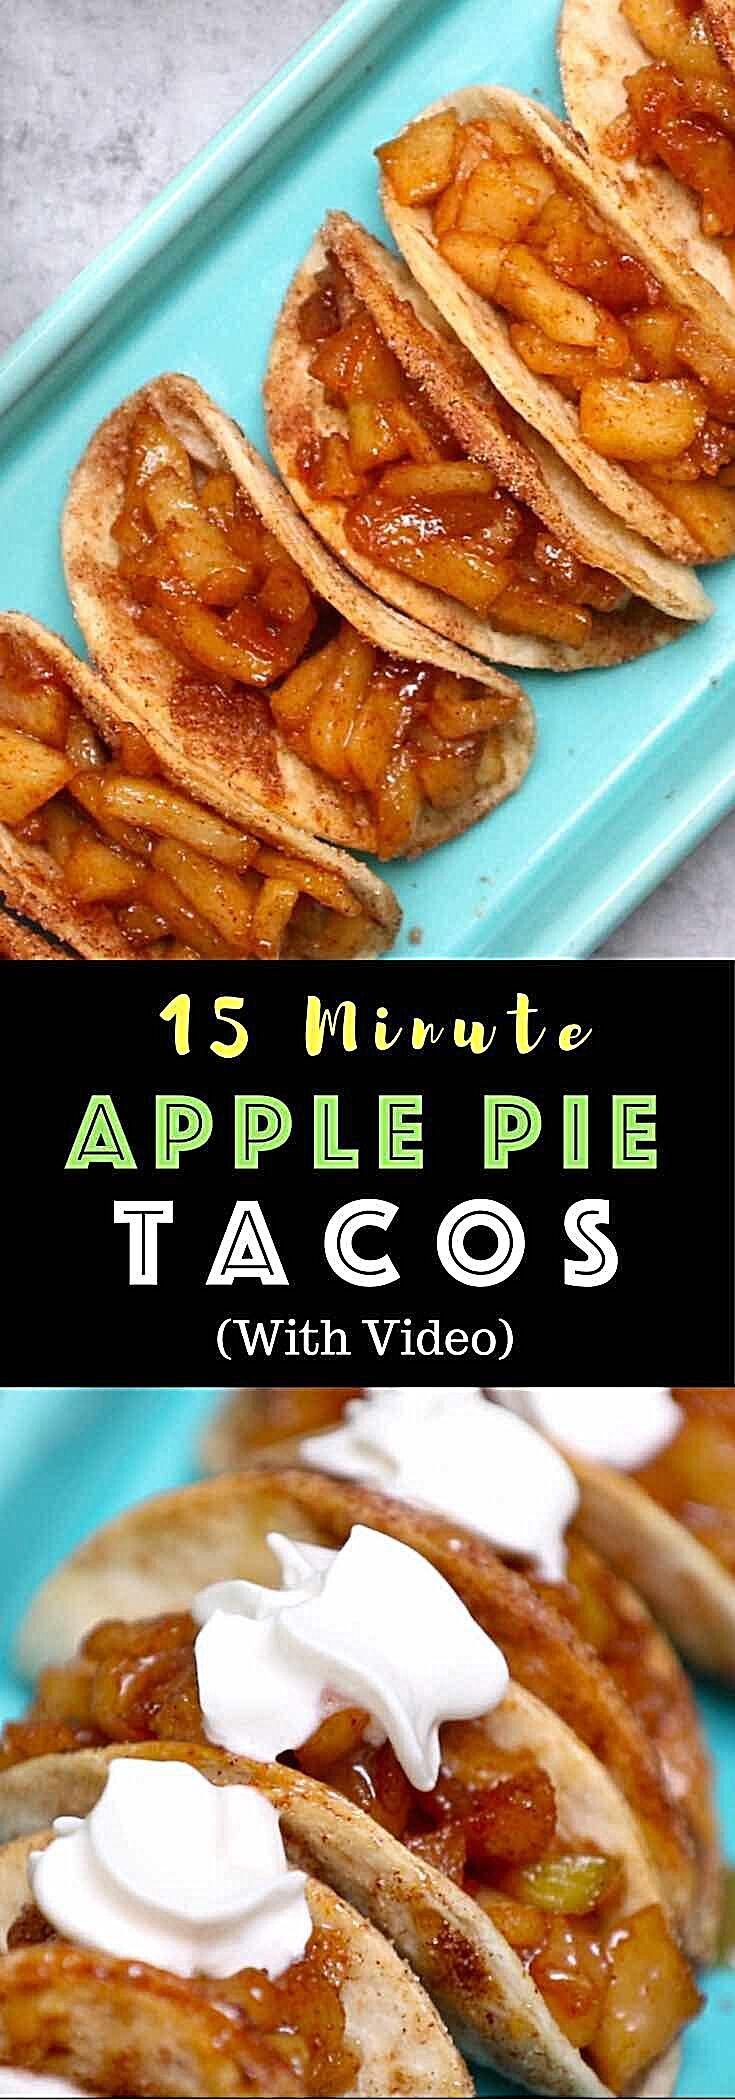 Super Easy Baked Apple Pie Tacos – delicious cinnamon sugary